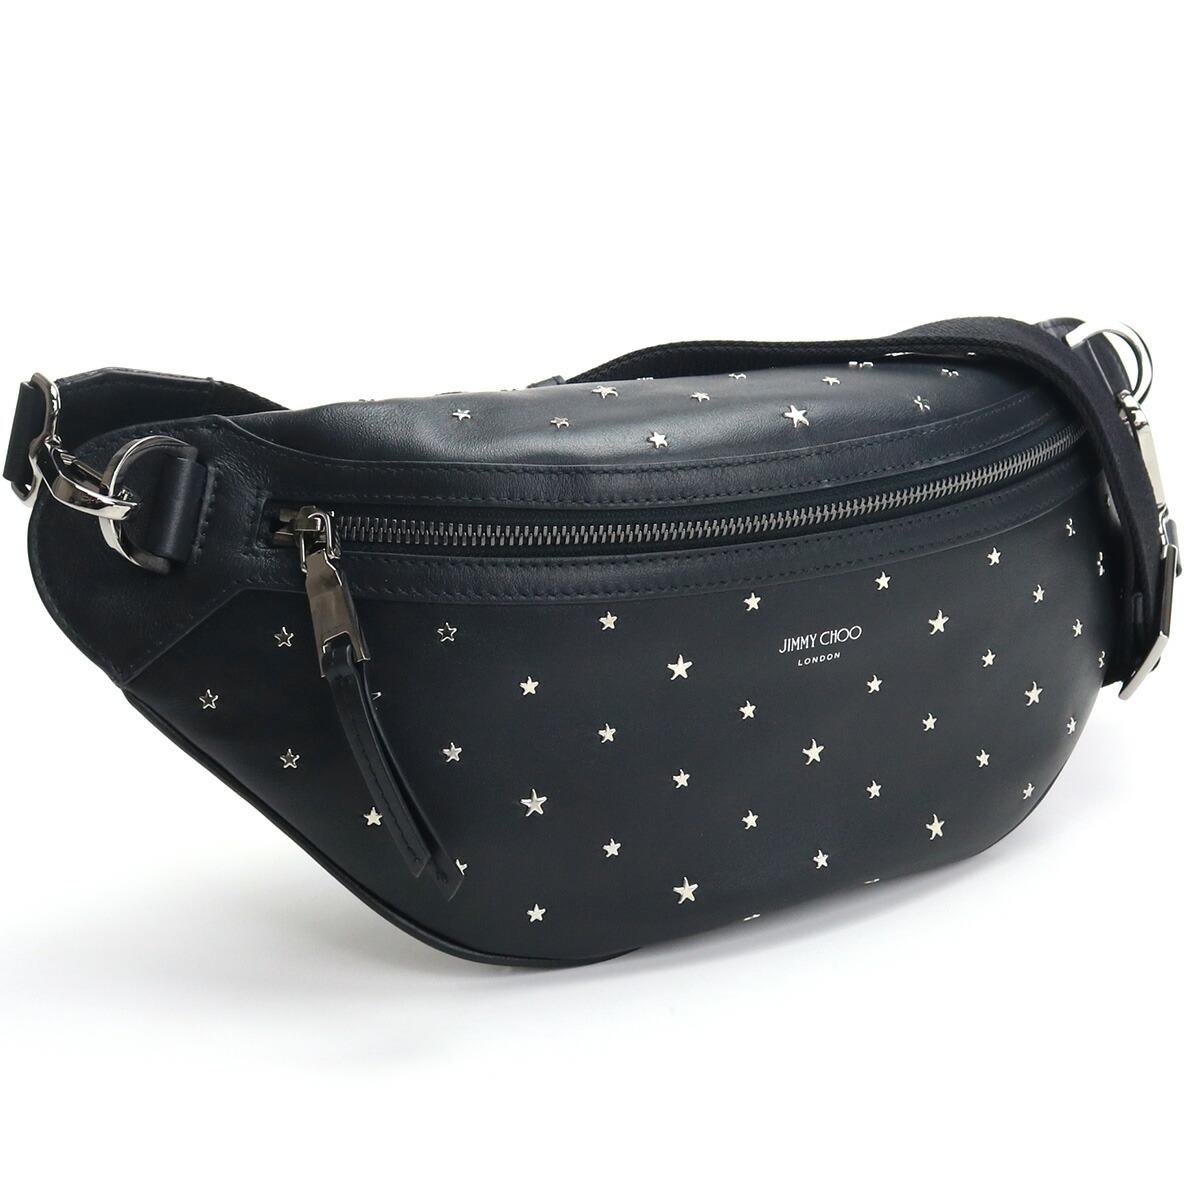 ジミーチュウ JIMMY CHOO ボディバッグ YORK YSN 204 BLACK/SILVER ブラック bos-06 bag-01 メンズ